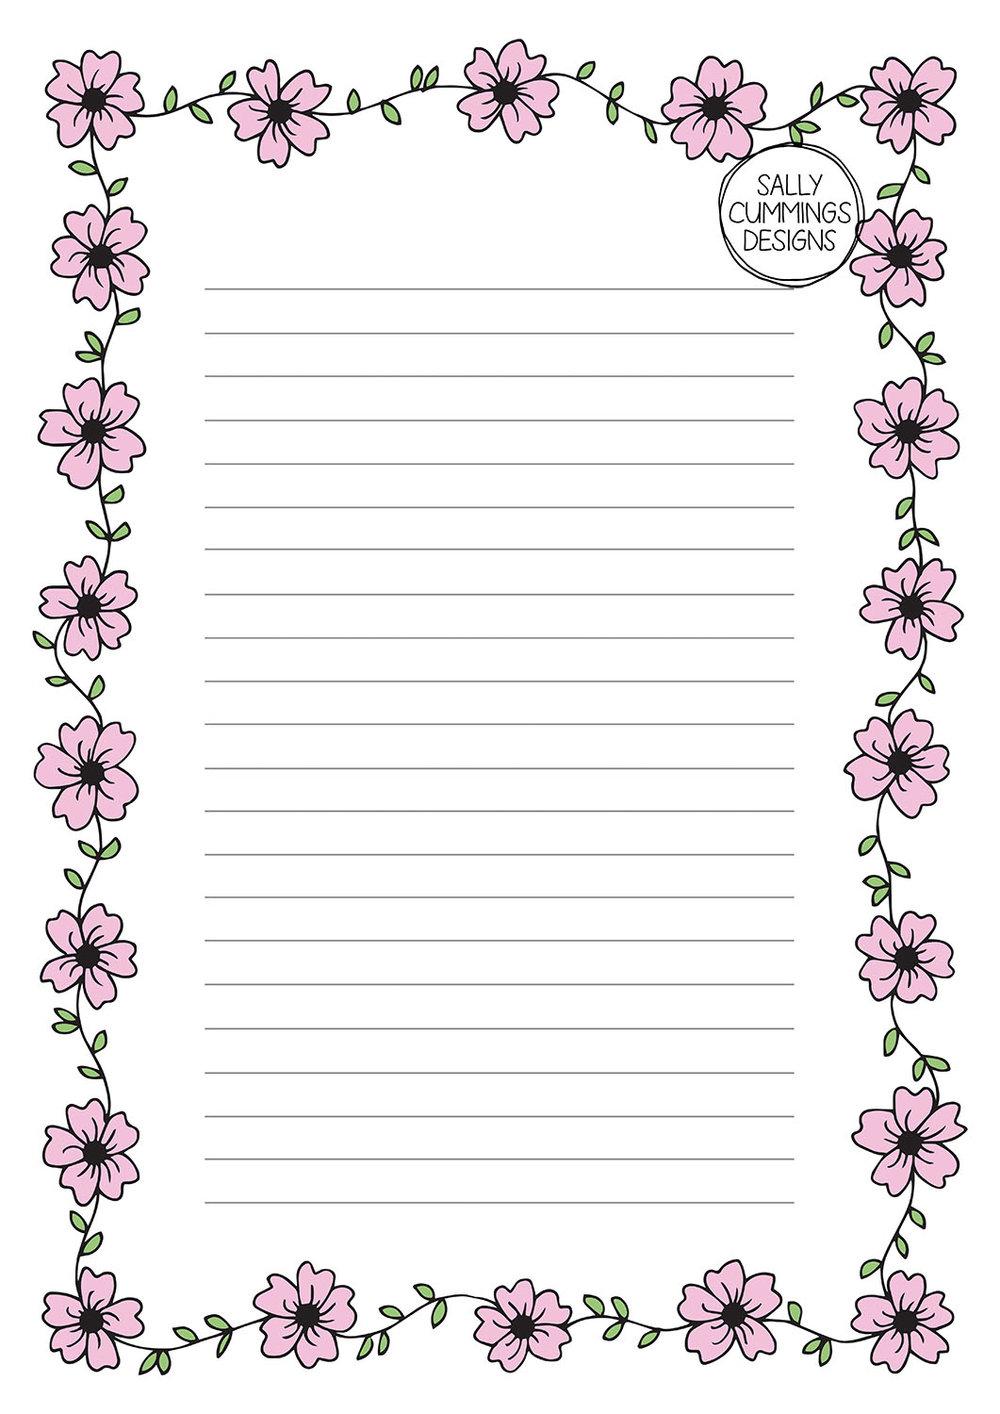 Cherry blossom writing paper - colour